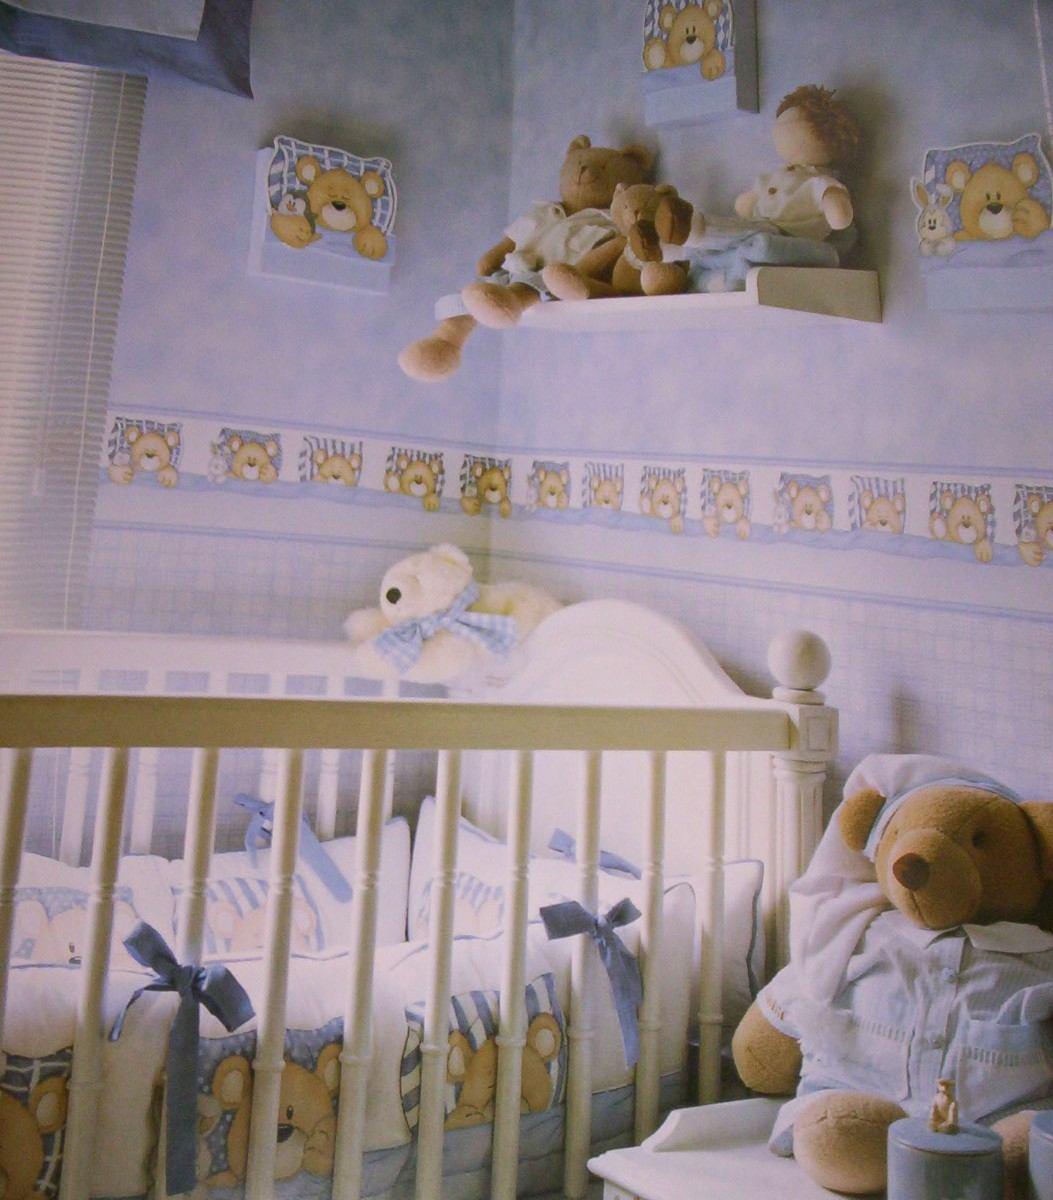 Border Faixa Papel De Parede Bobinex Infantil Decorativa  R$ 42,78 no Mercad